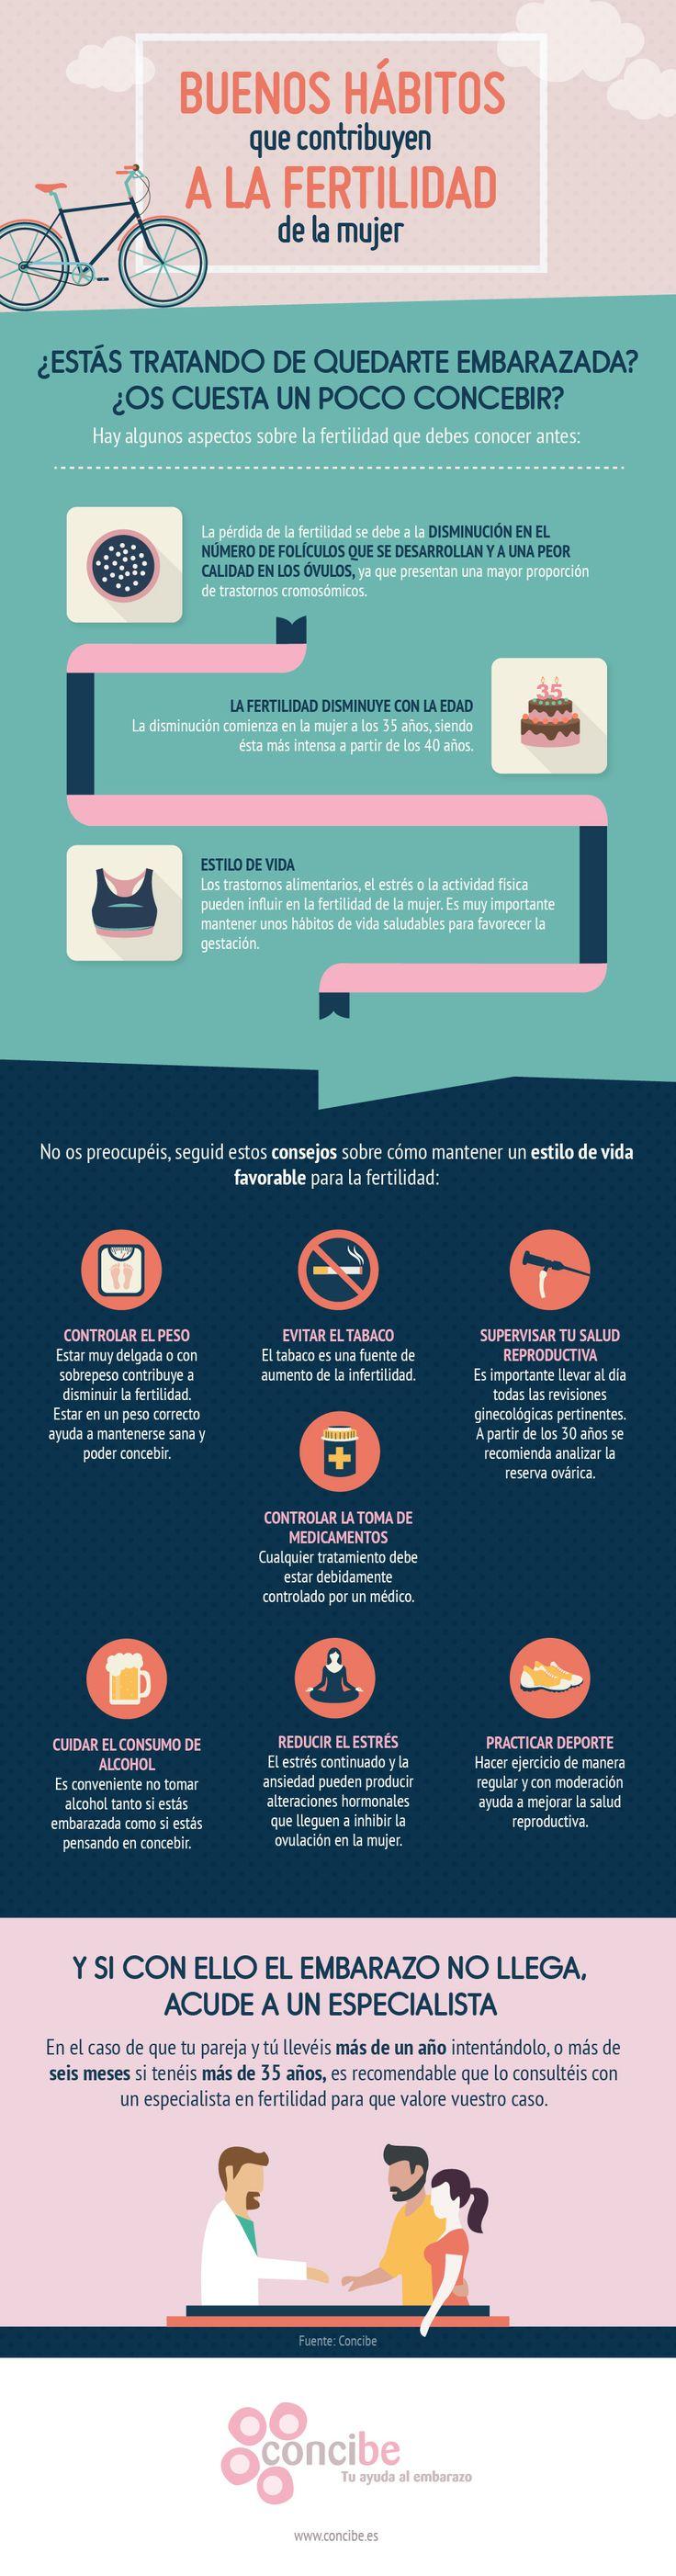 Buenos hábitos que contribuyen a la #fertilidad de la mujer. ¡Nueva infografía! ;) #embarazo